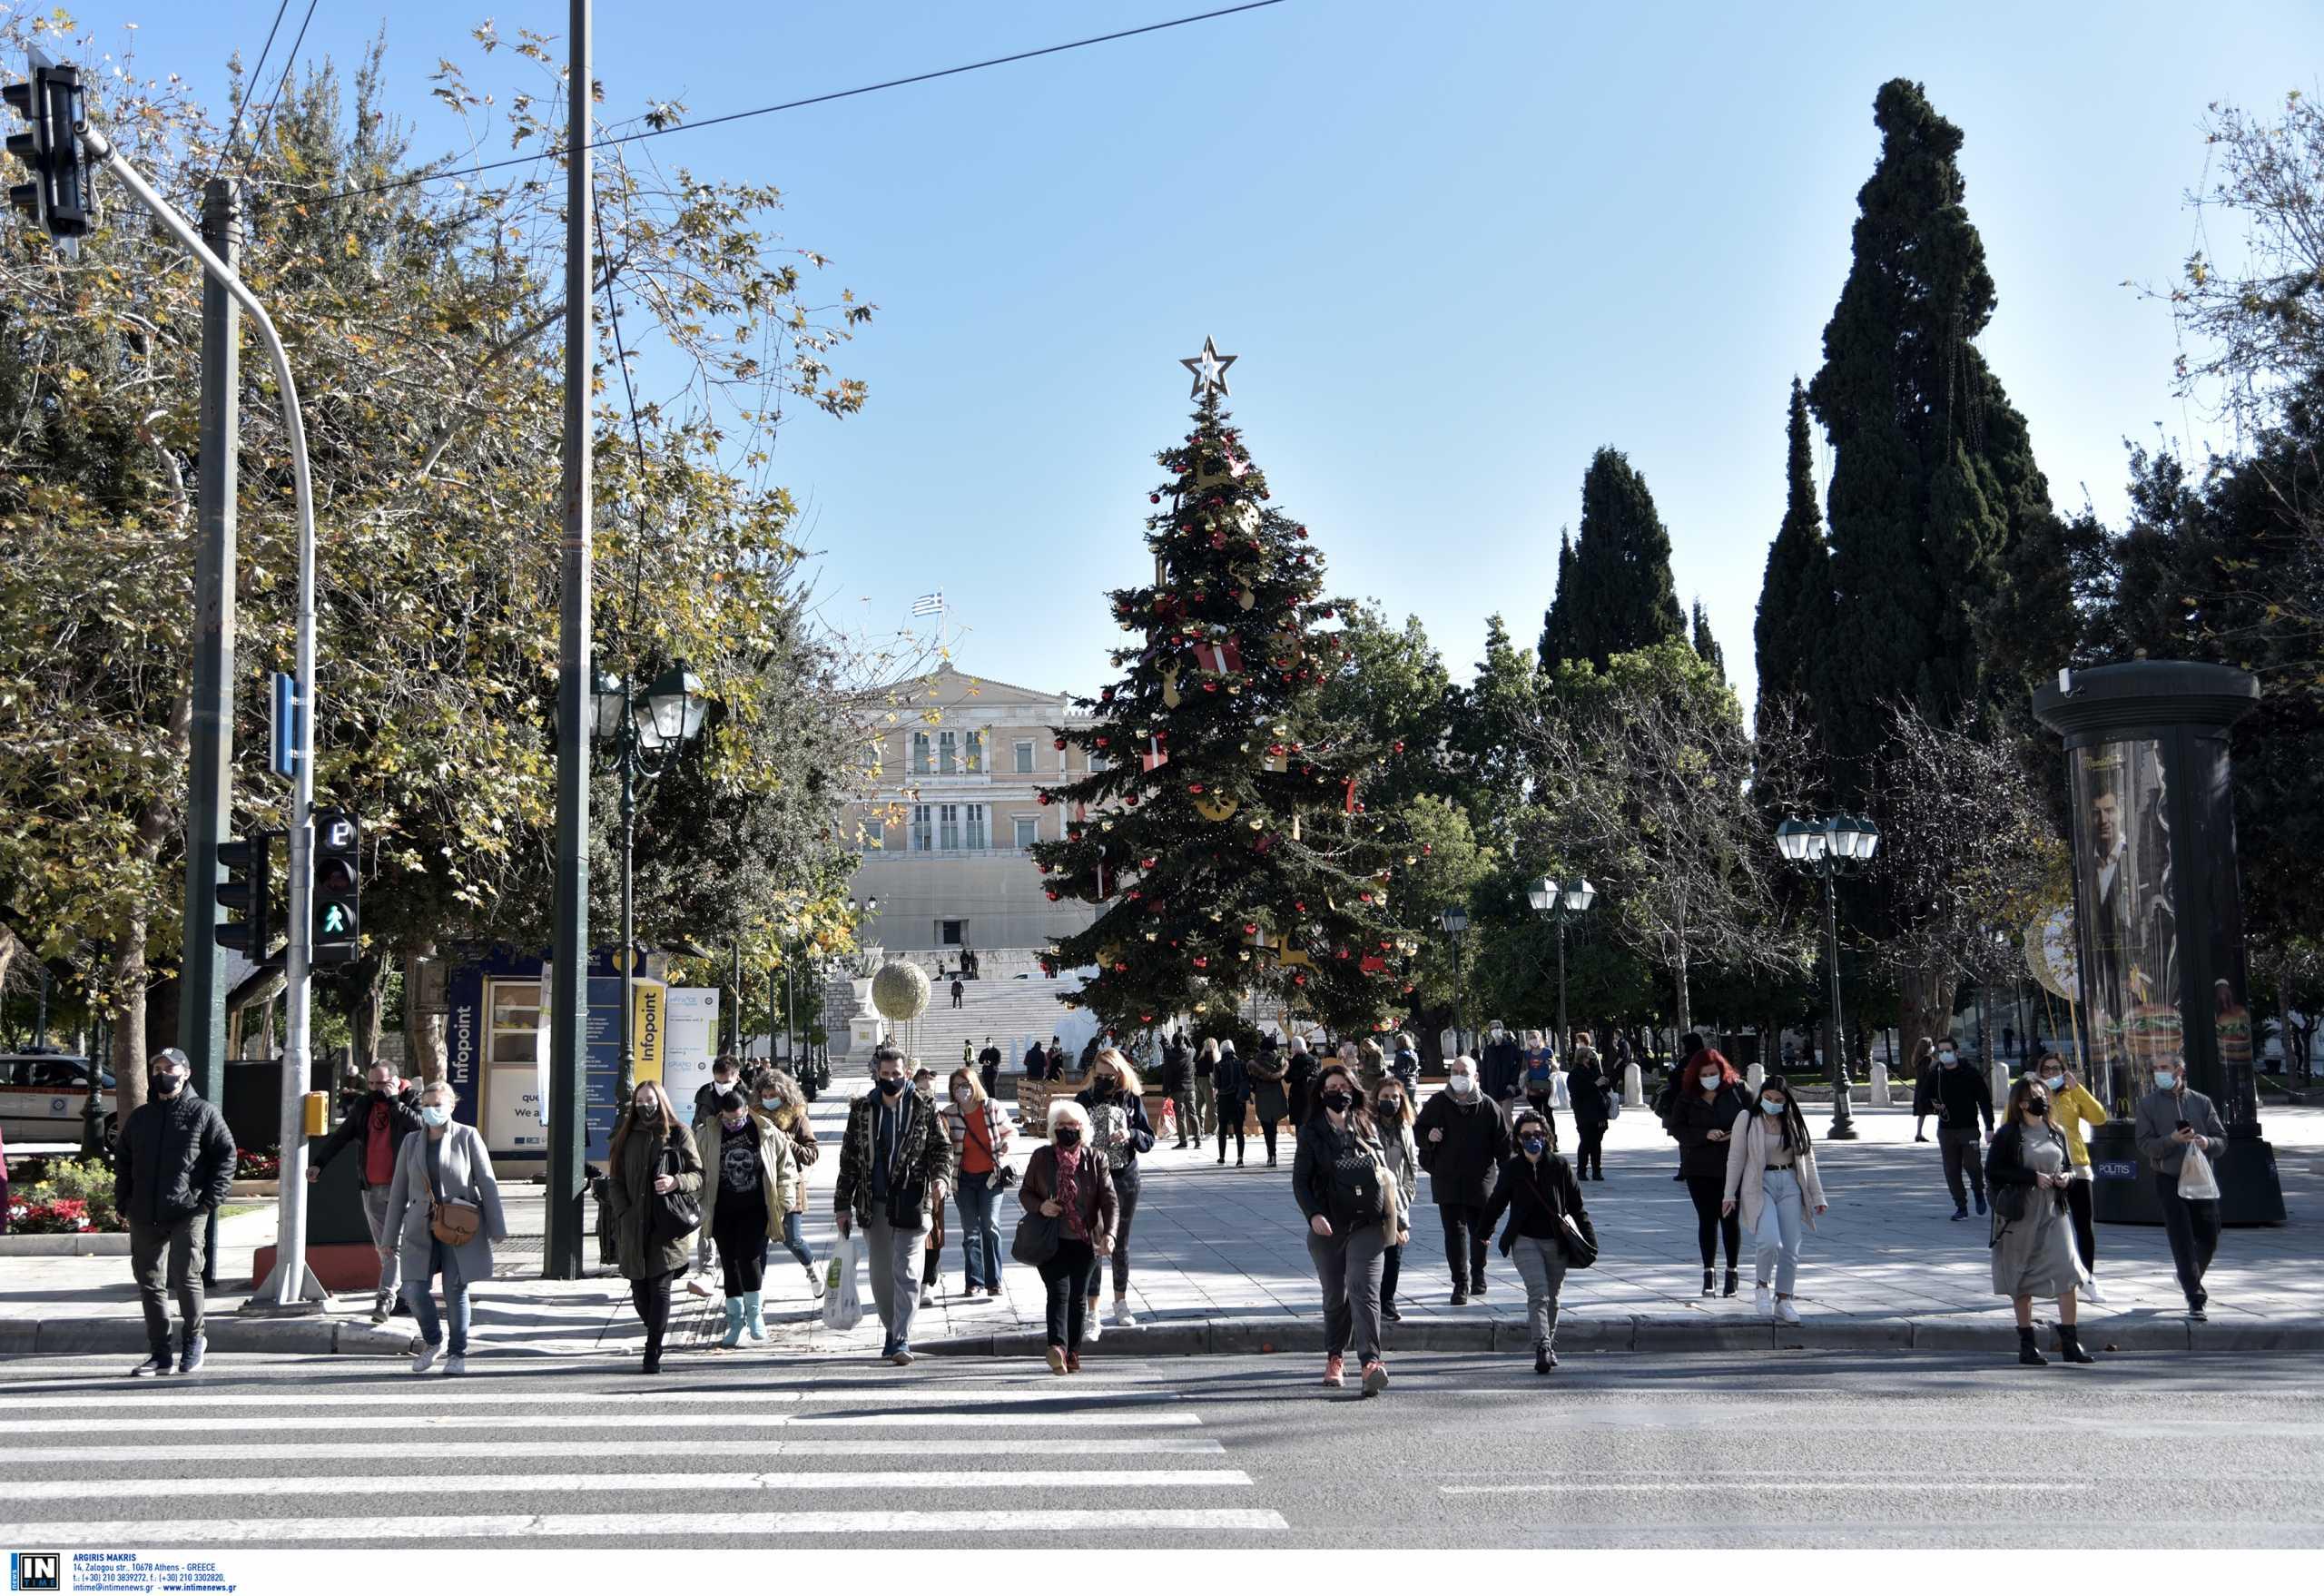 Λινού: «Κίνδυνος να ξεφύγει η κατάσταση στην Αττική – Άνοιγμα των σχολείων τμηματικά»